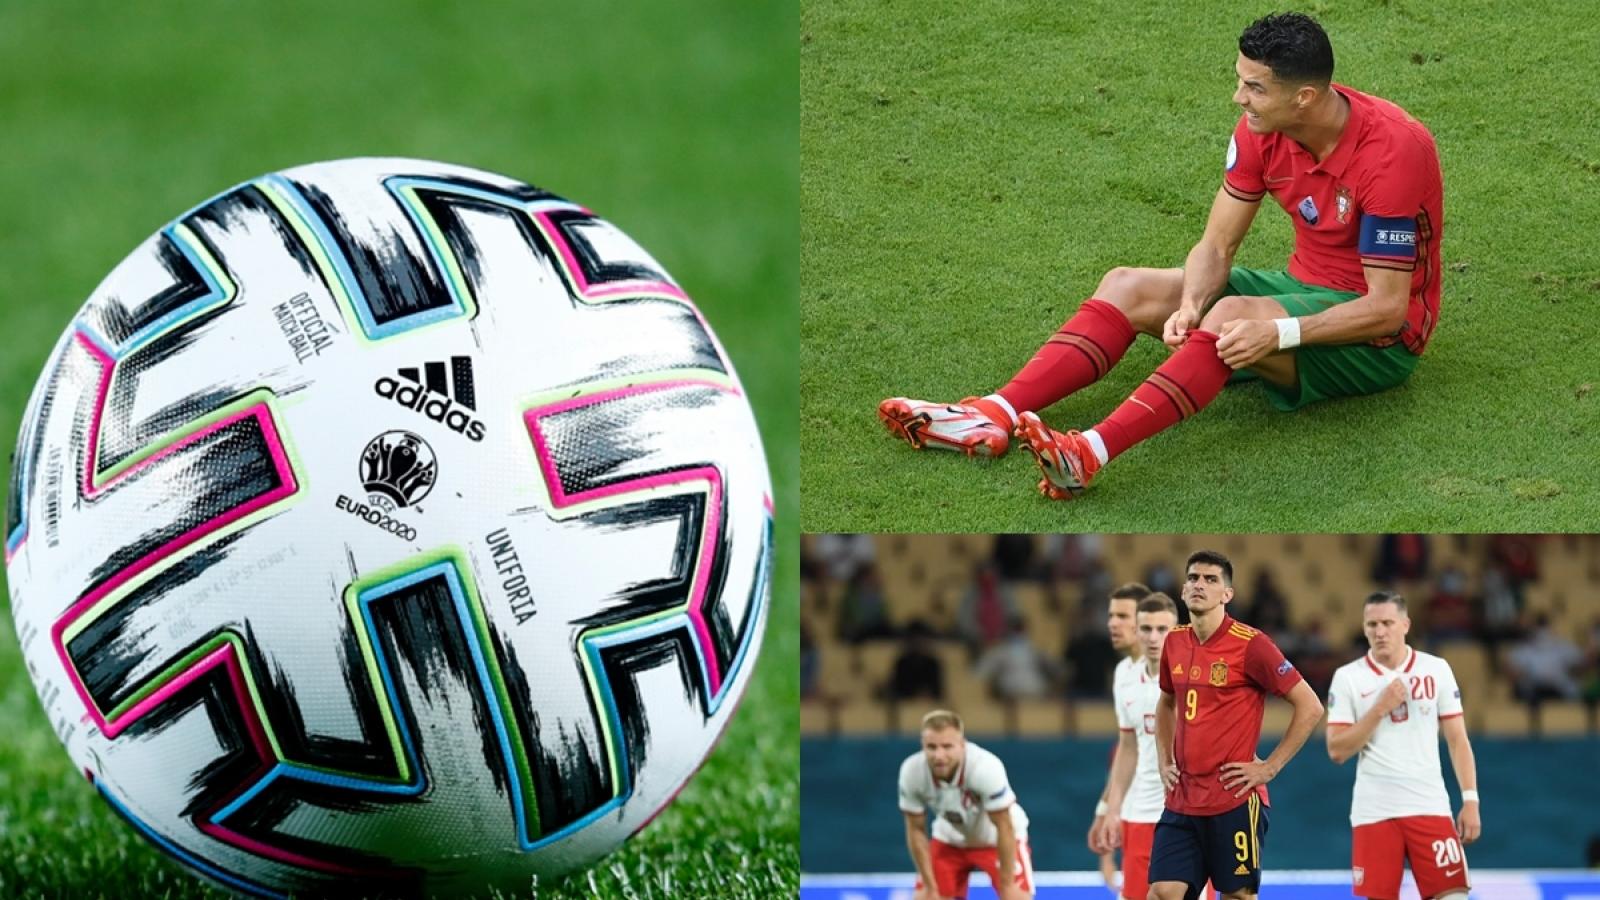 Bảng xếp hạng EURO 2021 hôm nay 20/6: Bồ Đào Nha, Tây Ban Nha lâm nguy